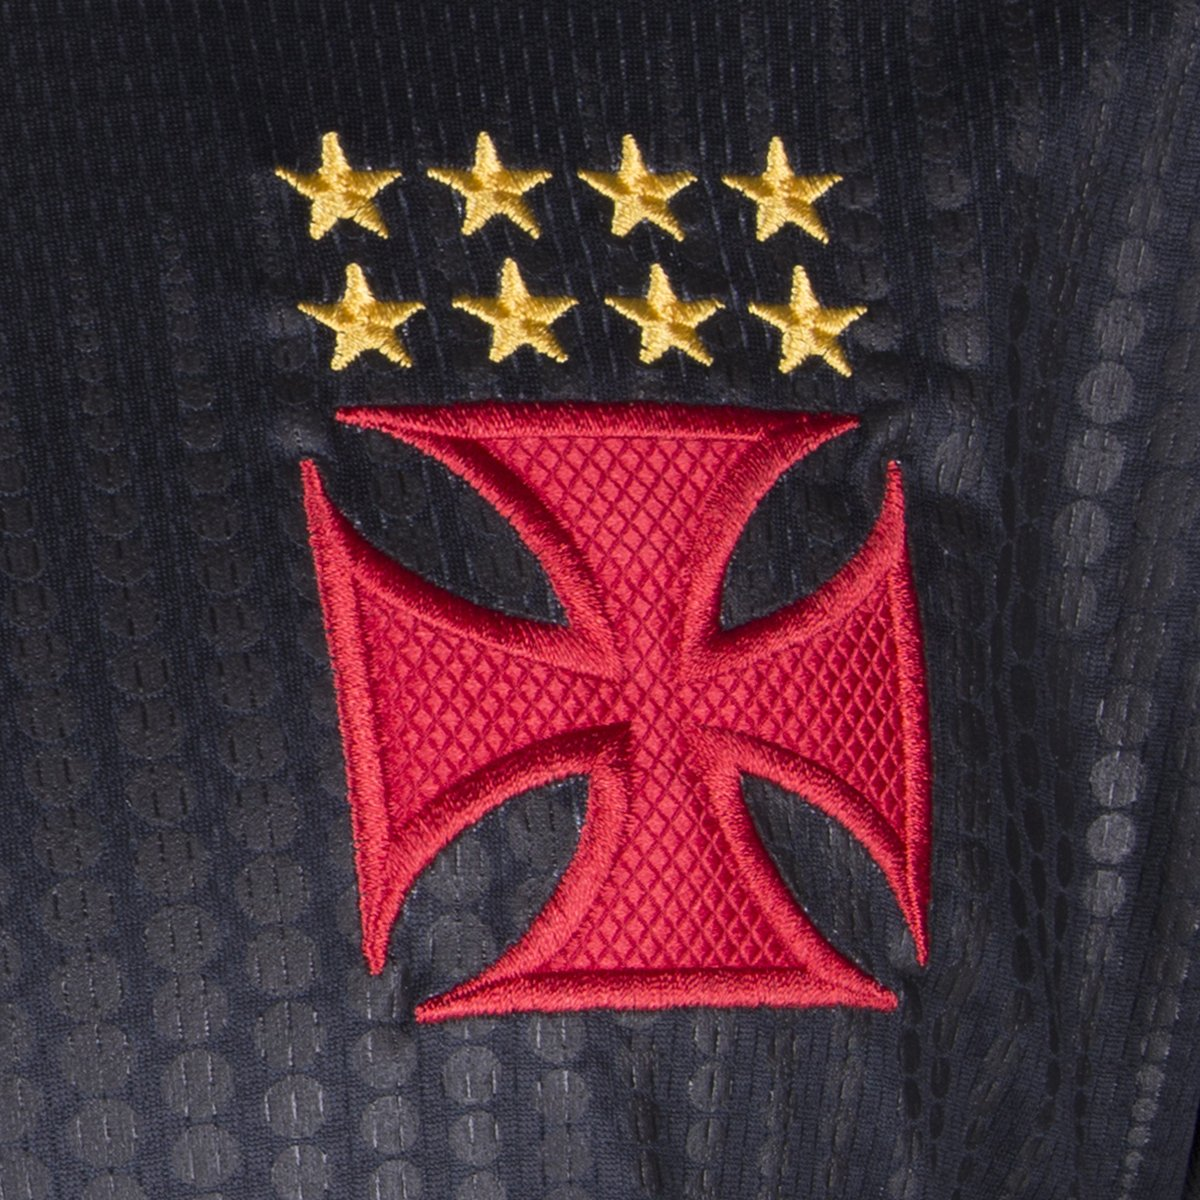 ... Camisa de Goleiro Vasco III 2018 s n° Torcedor Diadora Masculina ... 6dd6b6c500451